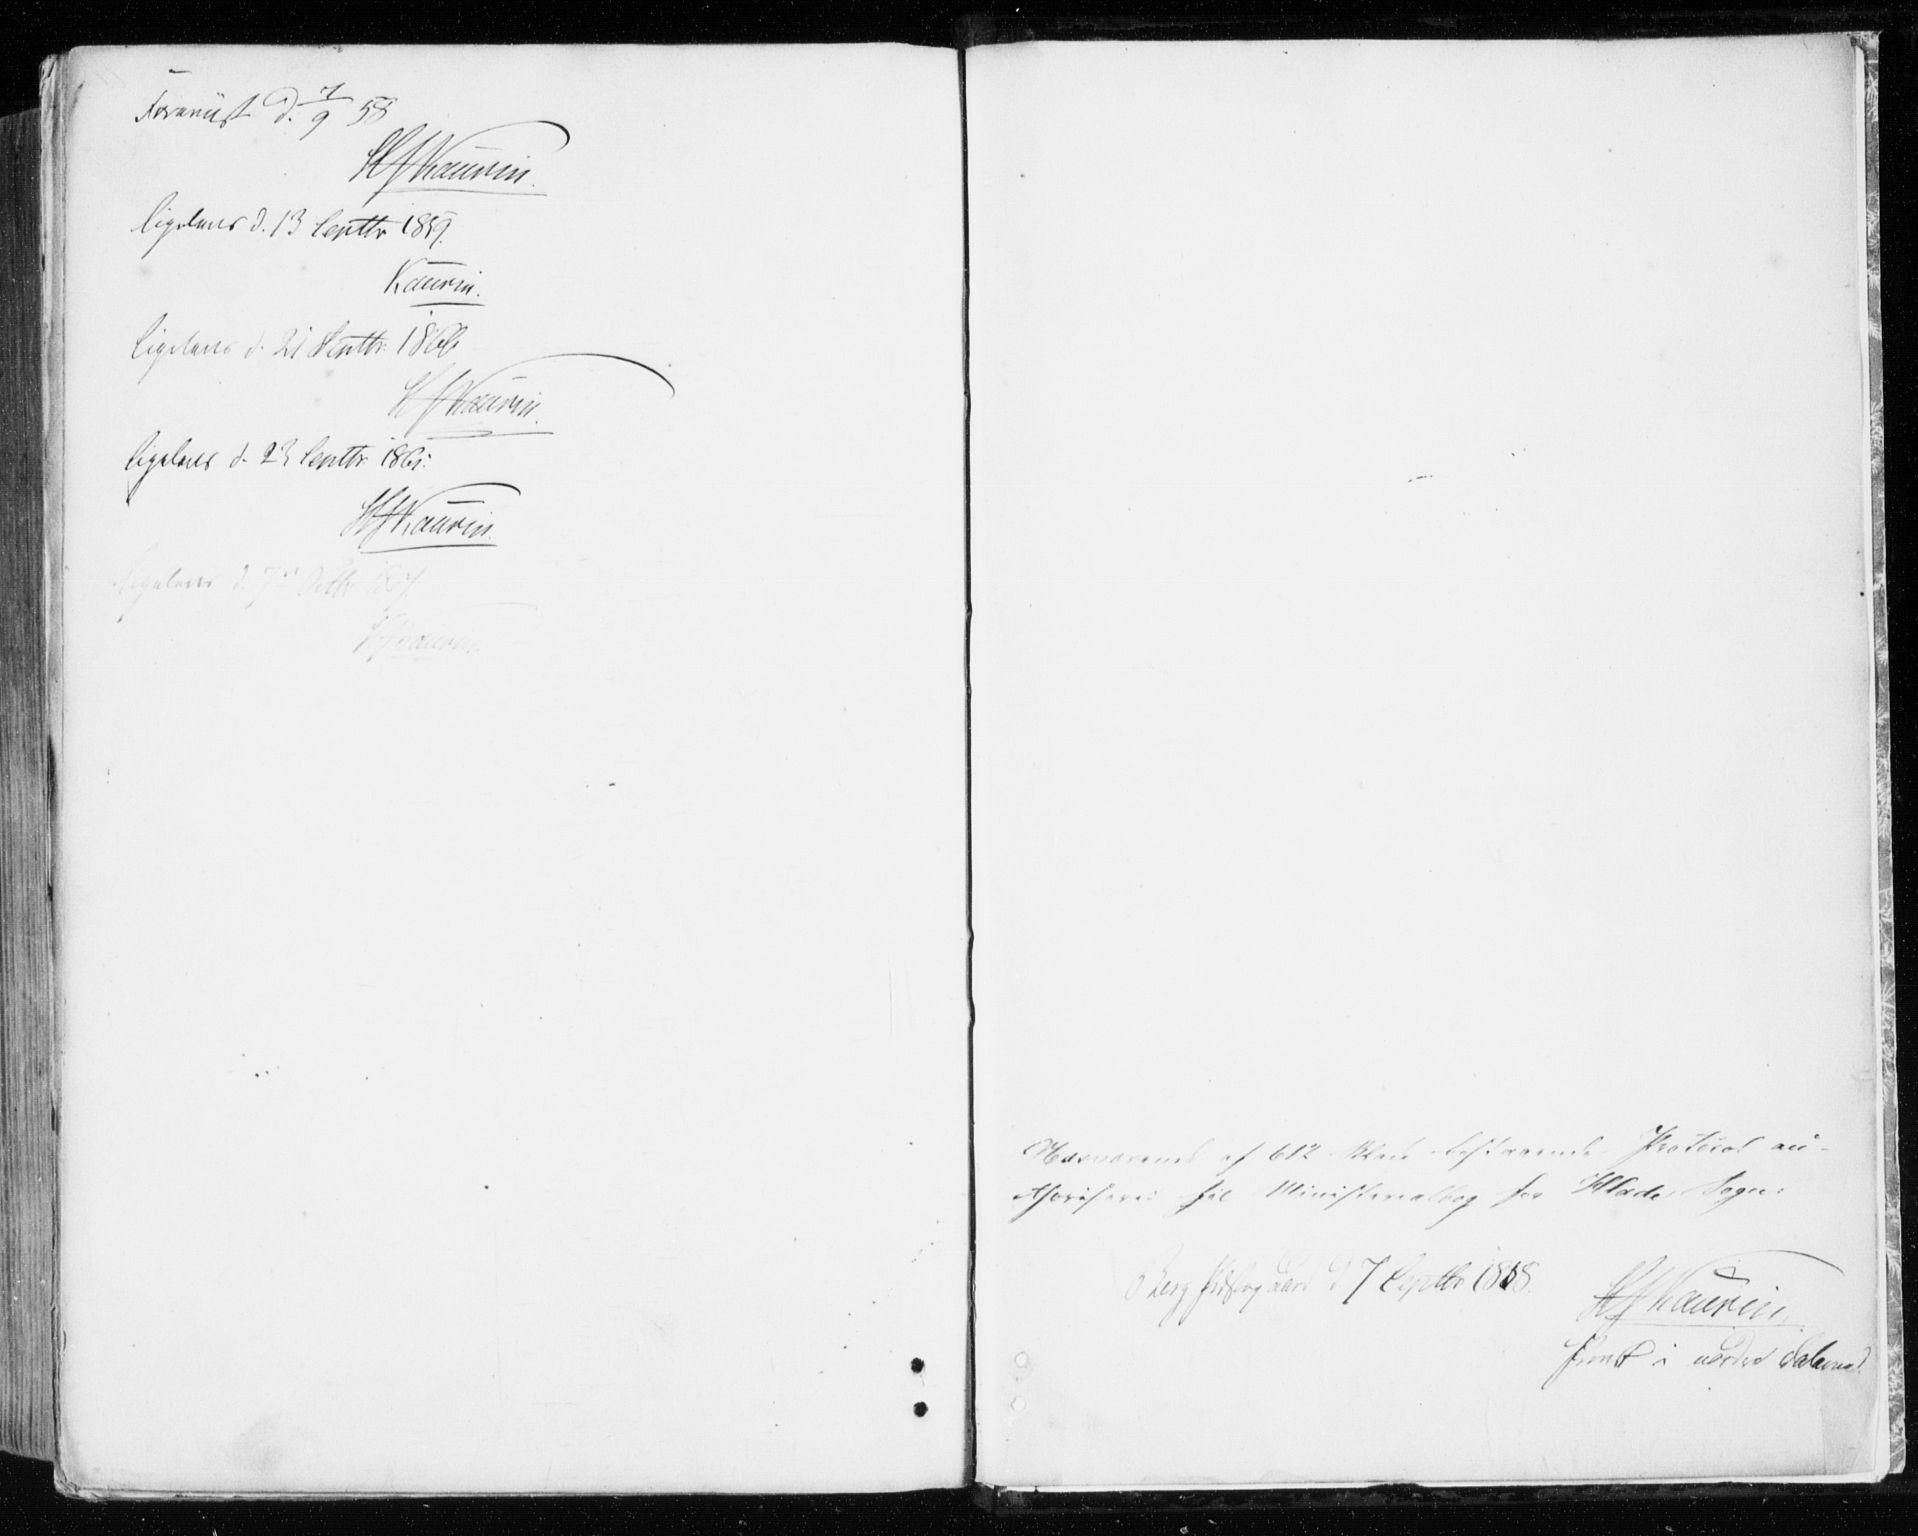 SAT, Ministerialprotokoller, klokkerbøker og fødselsregistre - Sør-Trøndelag, 606/L0292: Ministerialbok nr. 606A07, 1856-1865